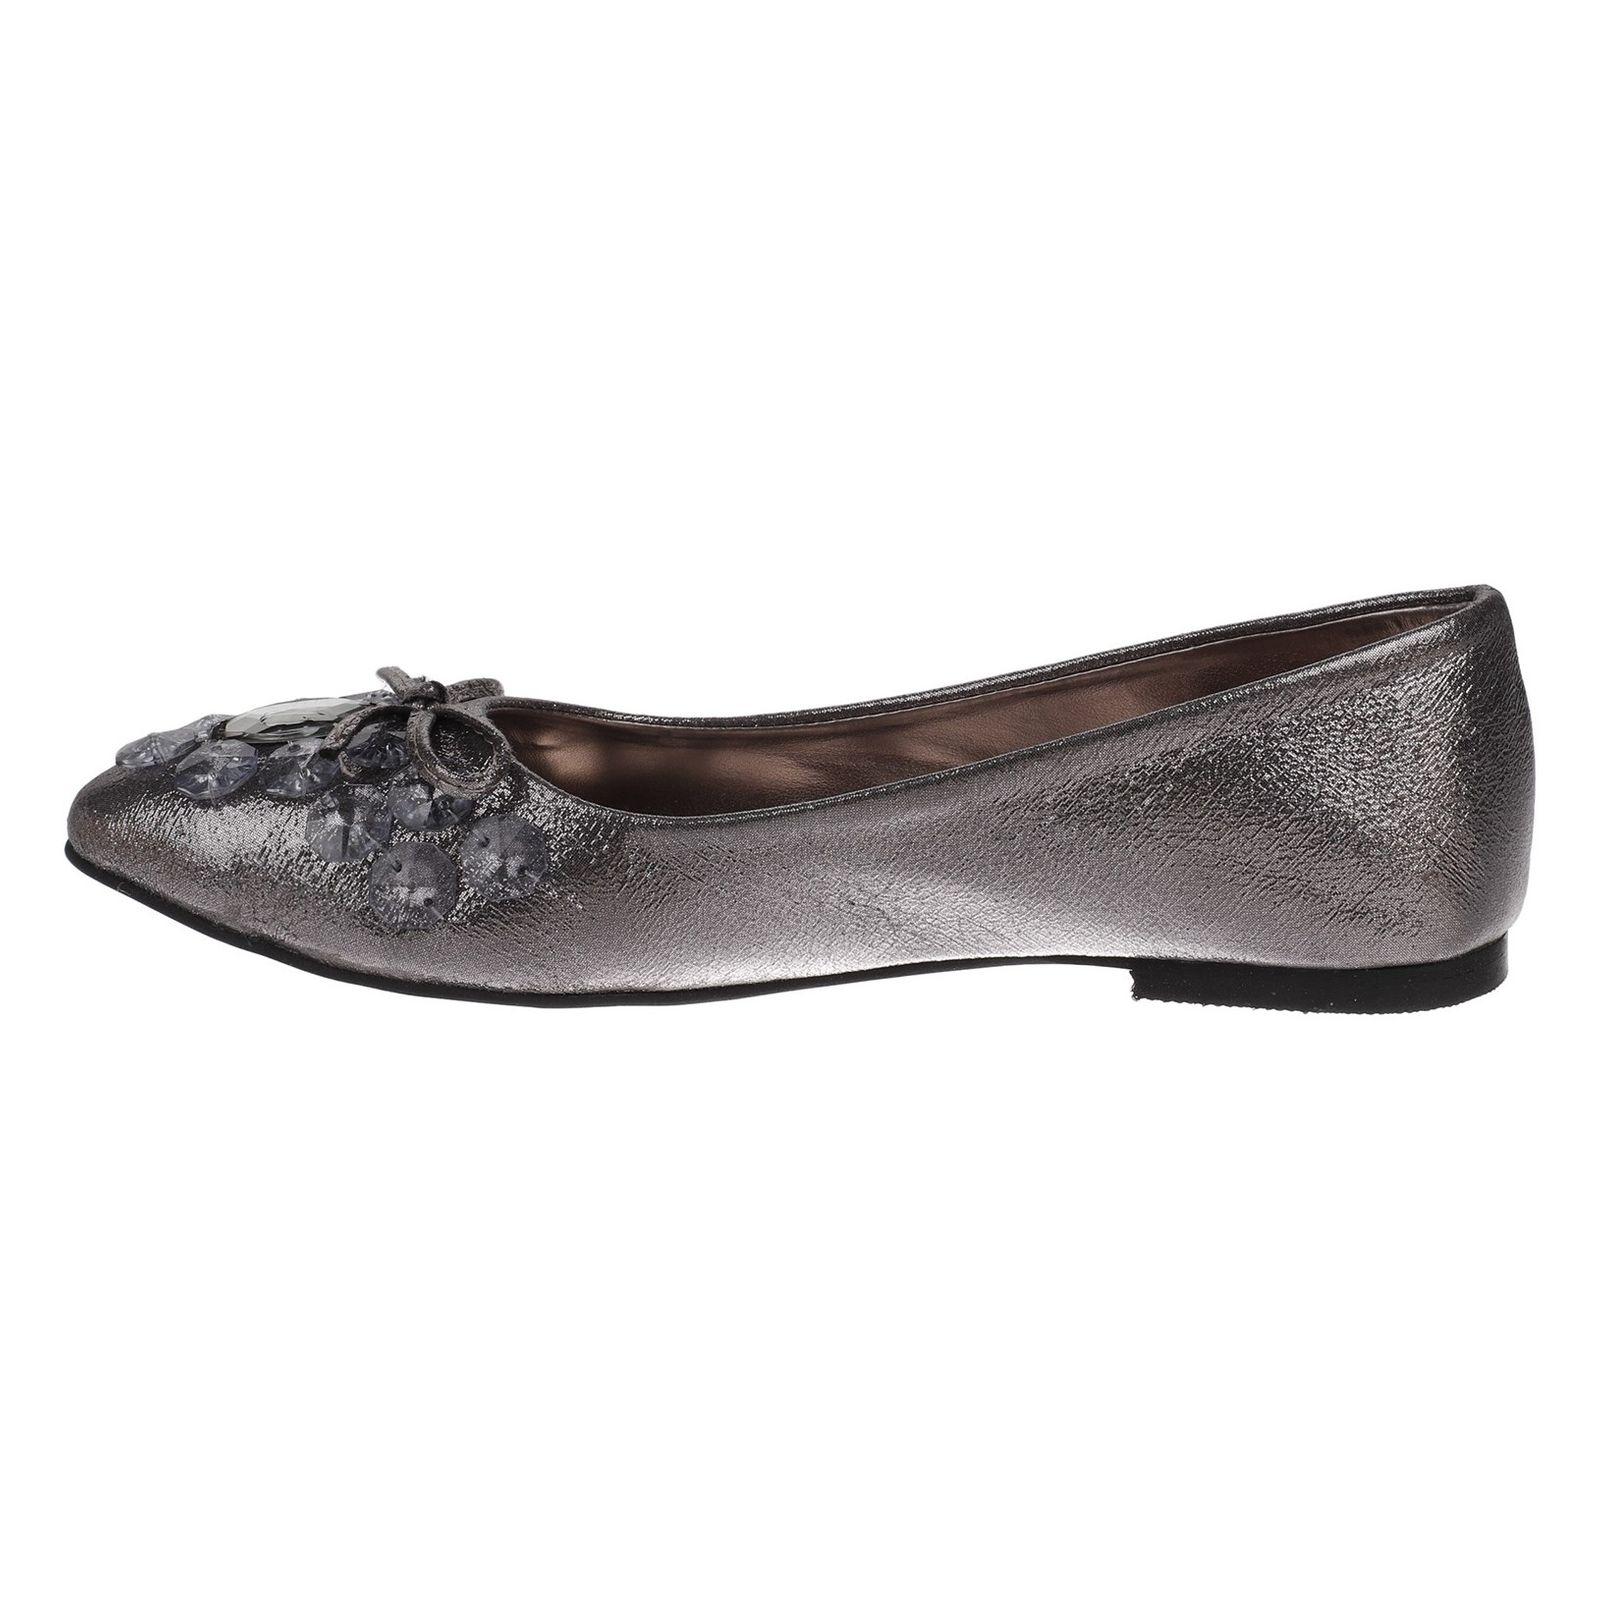 کفش تخت زنانه - دفکتو - نقراه اي براق - 3